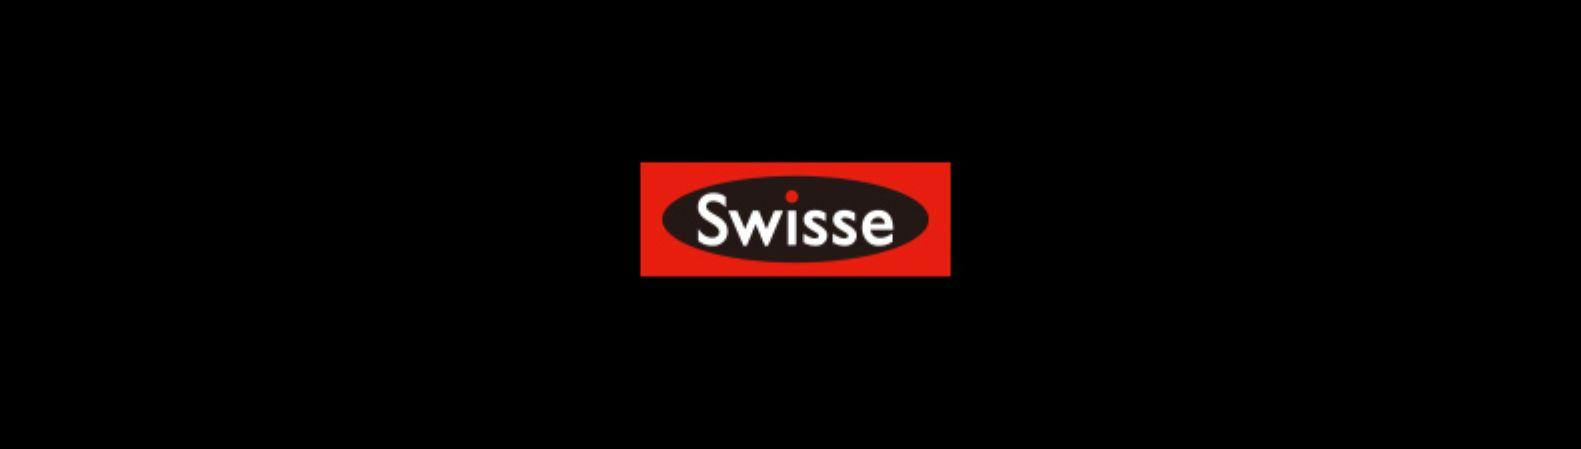 swisse复合维生素 澳洲进口女性女士复合维生素片 女士保健品 我们的产品 第10张